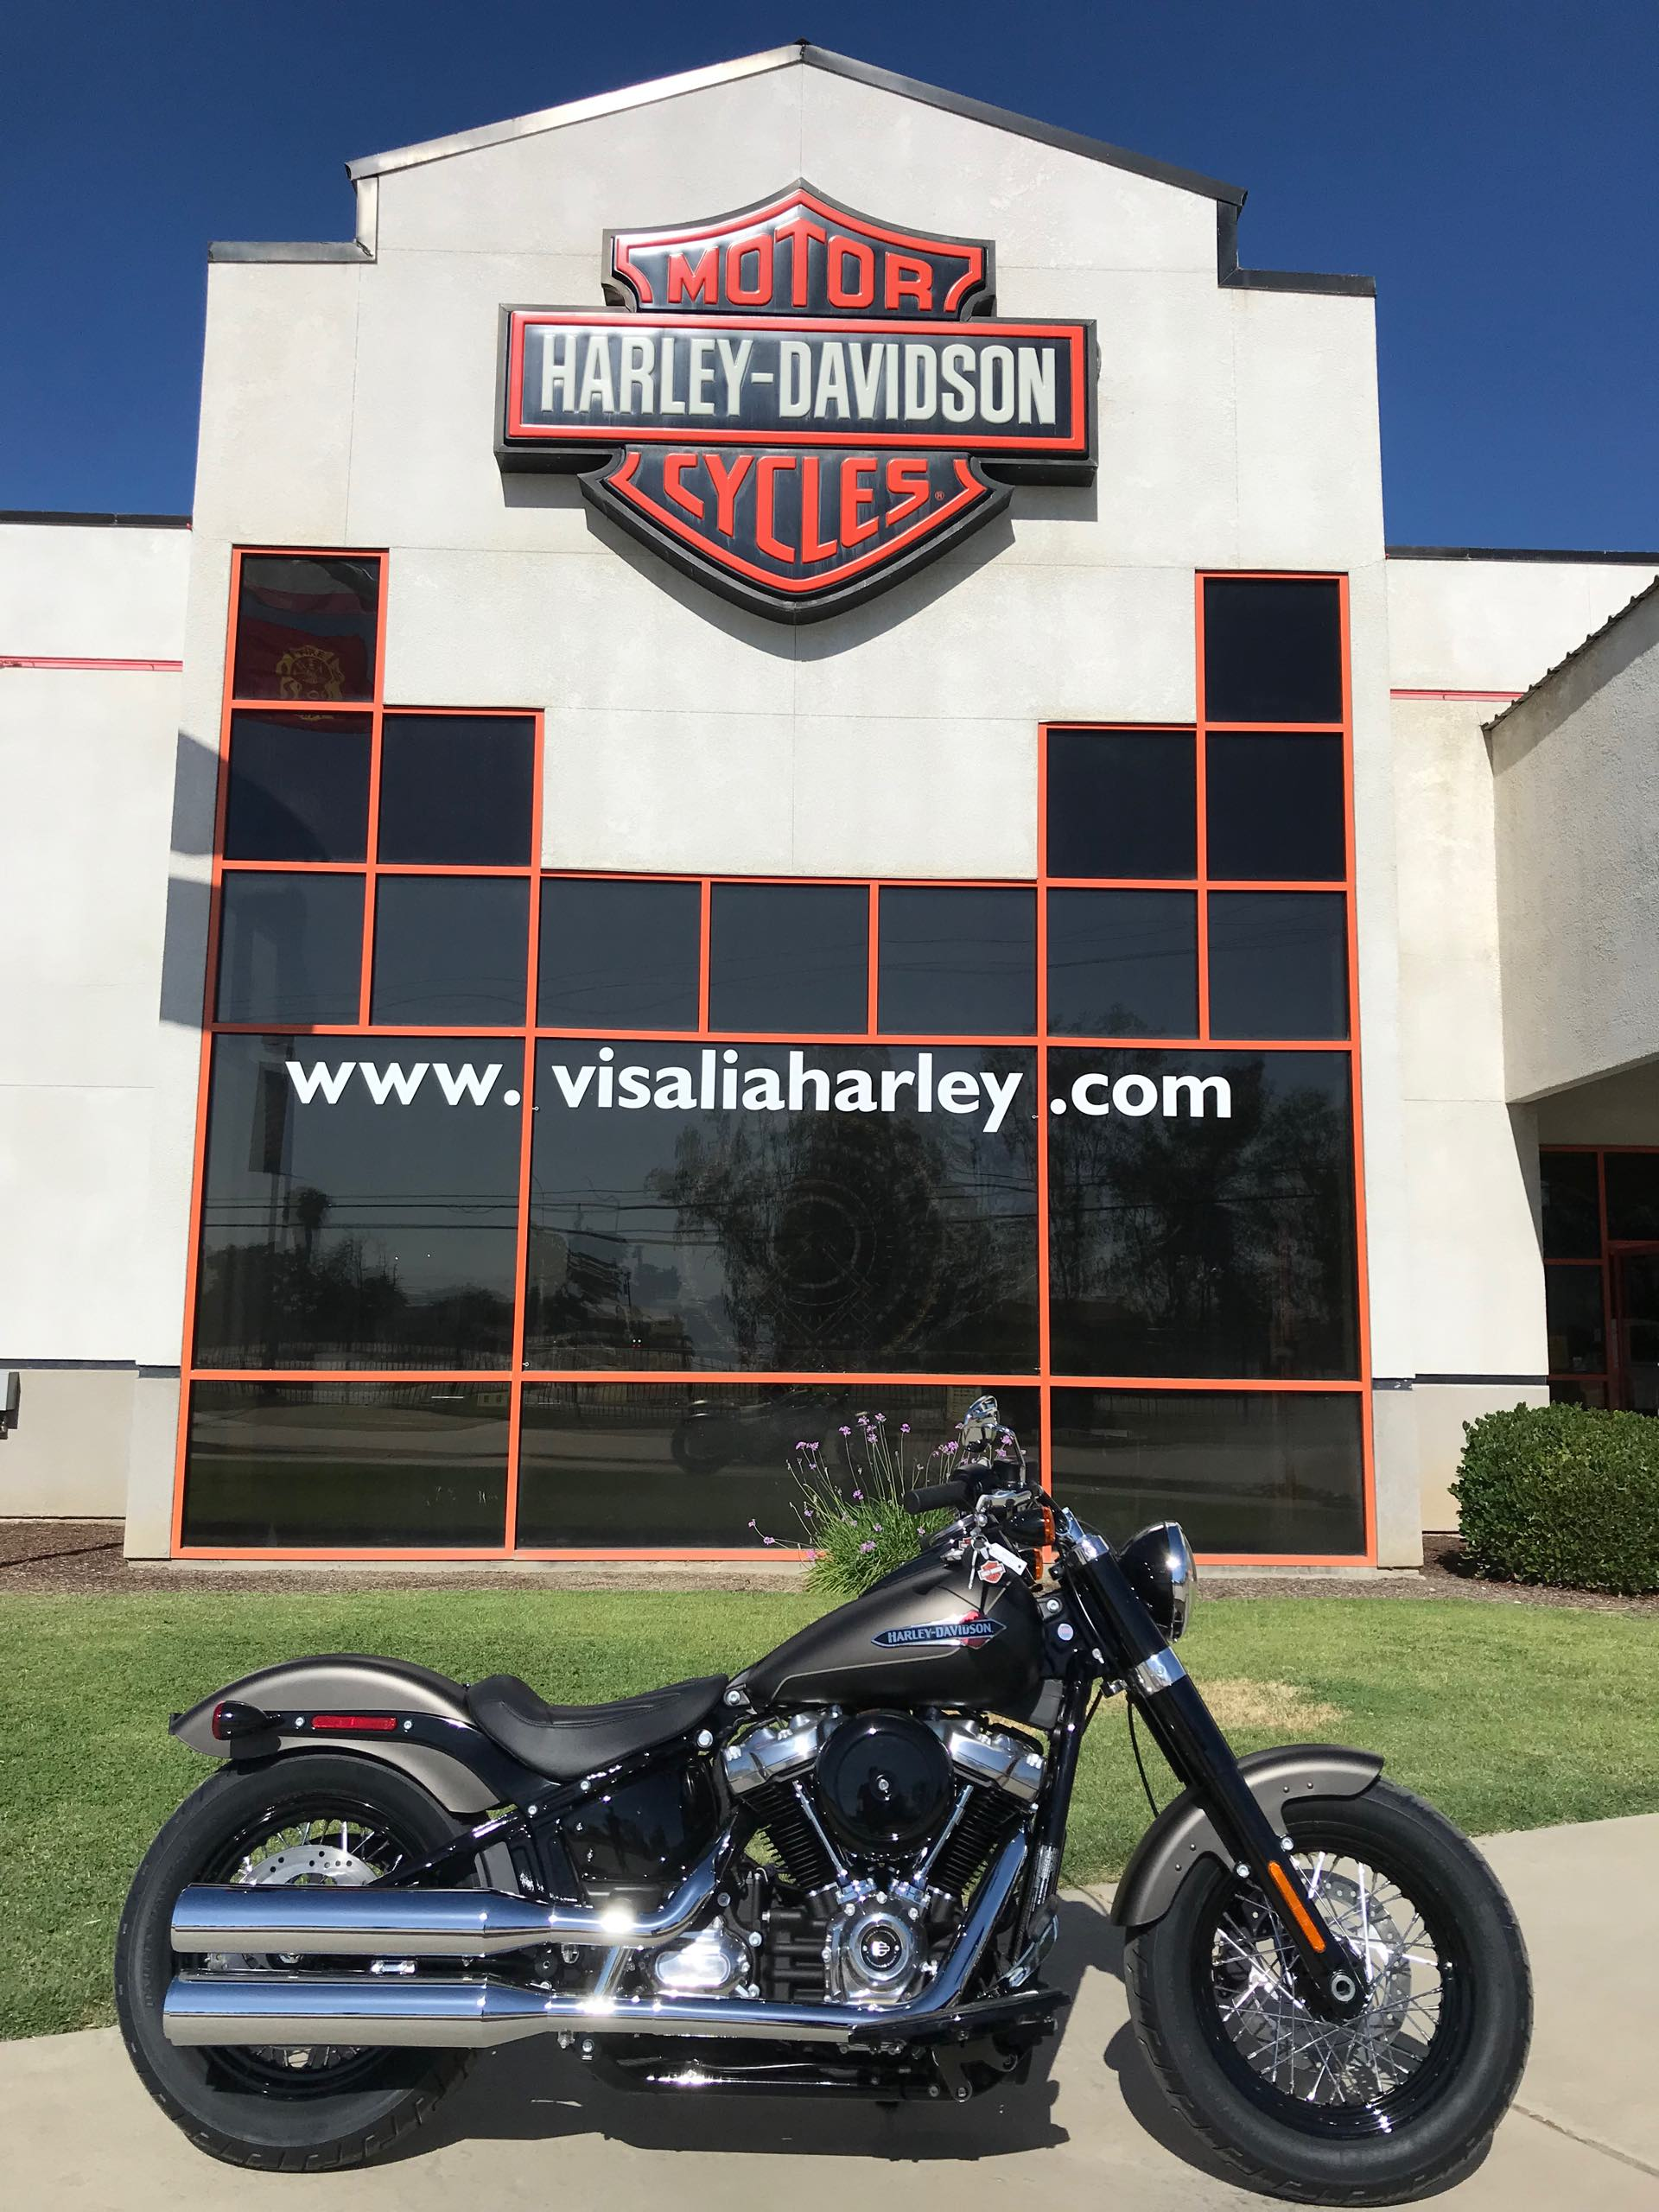 2021 Harley-Davidson Softail Slim FLSL Softail Slim at Visalia Harley-Davidson